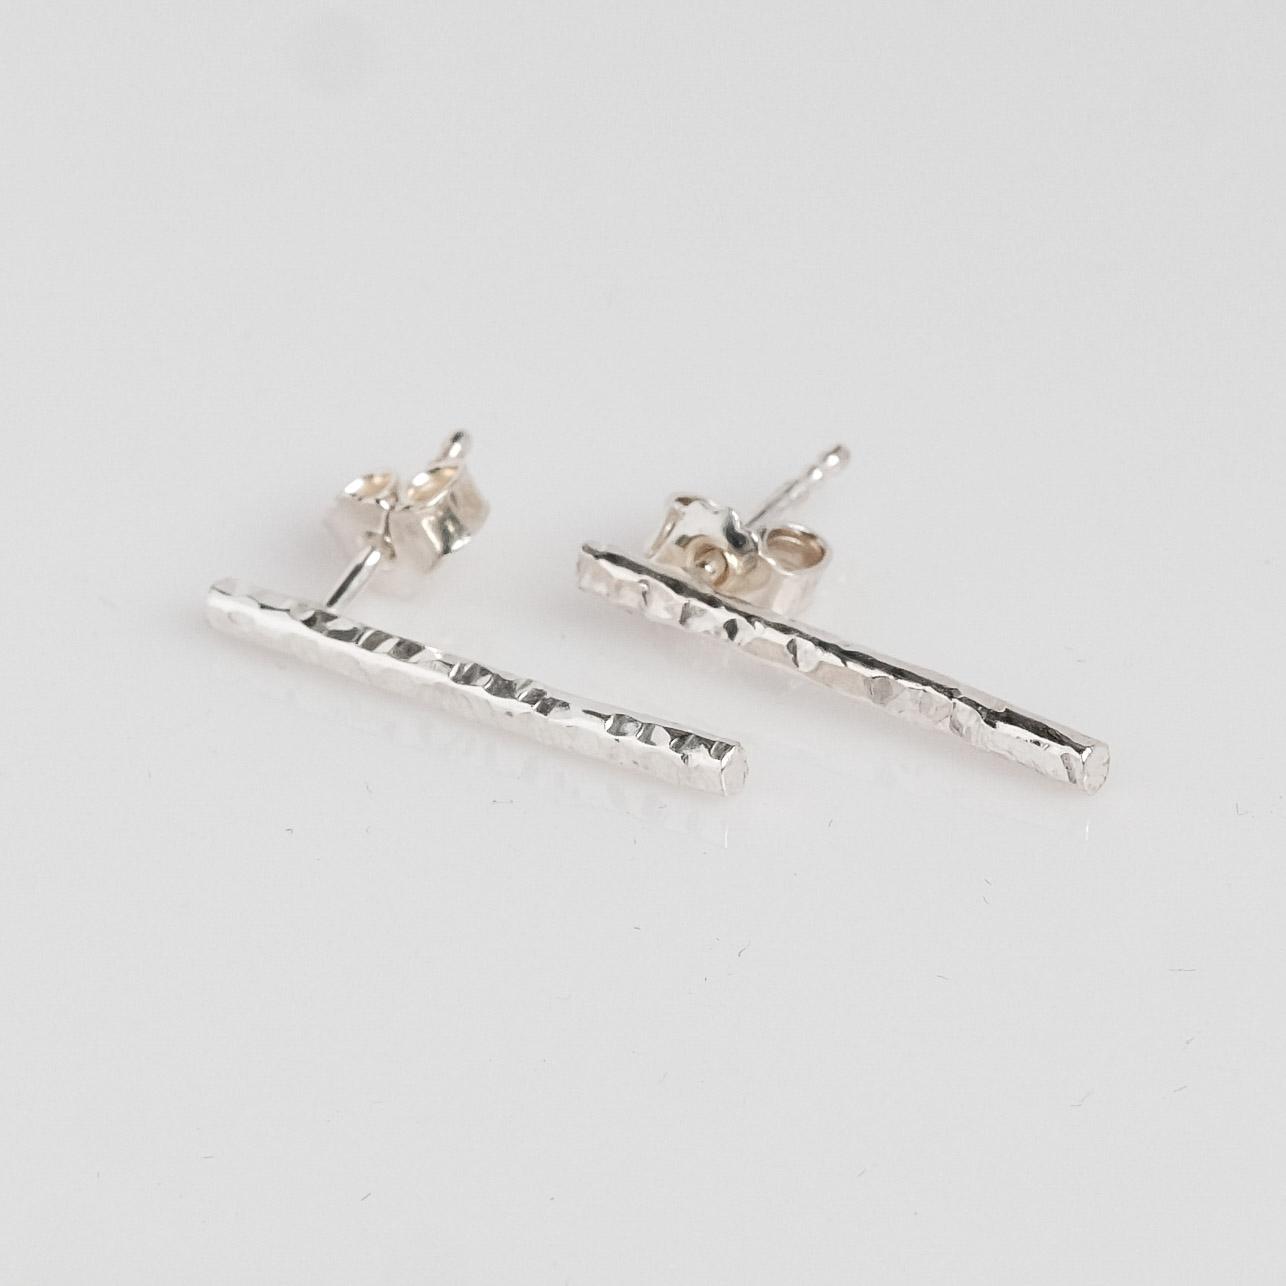 Pris dkk 585. Hammerslået sølv øreringe